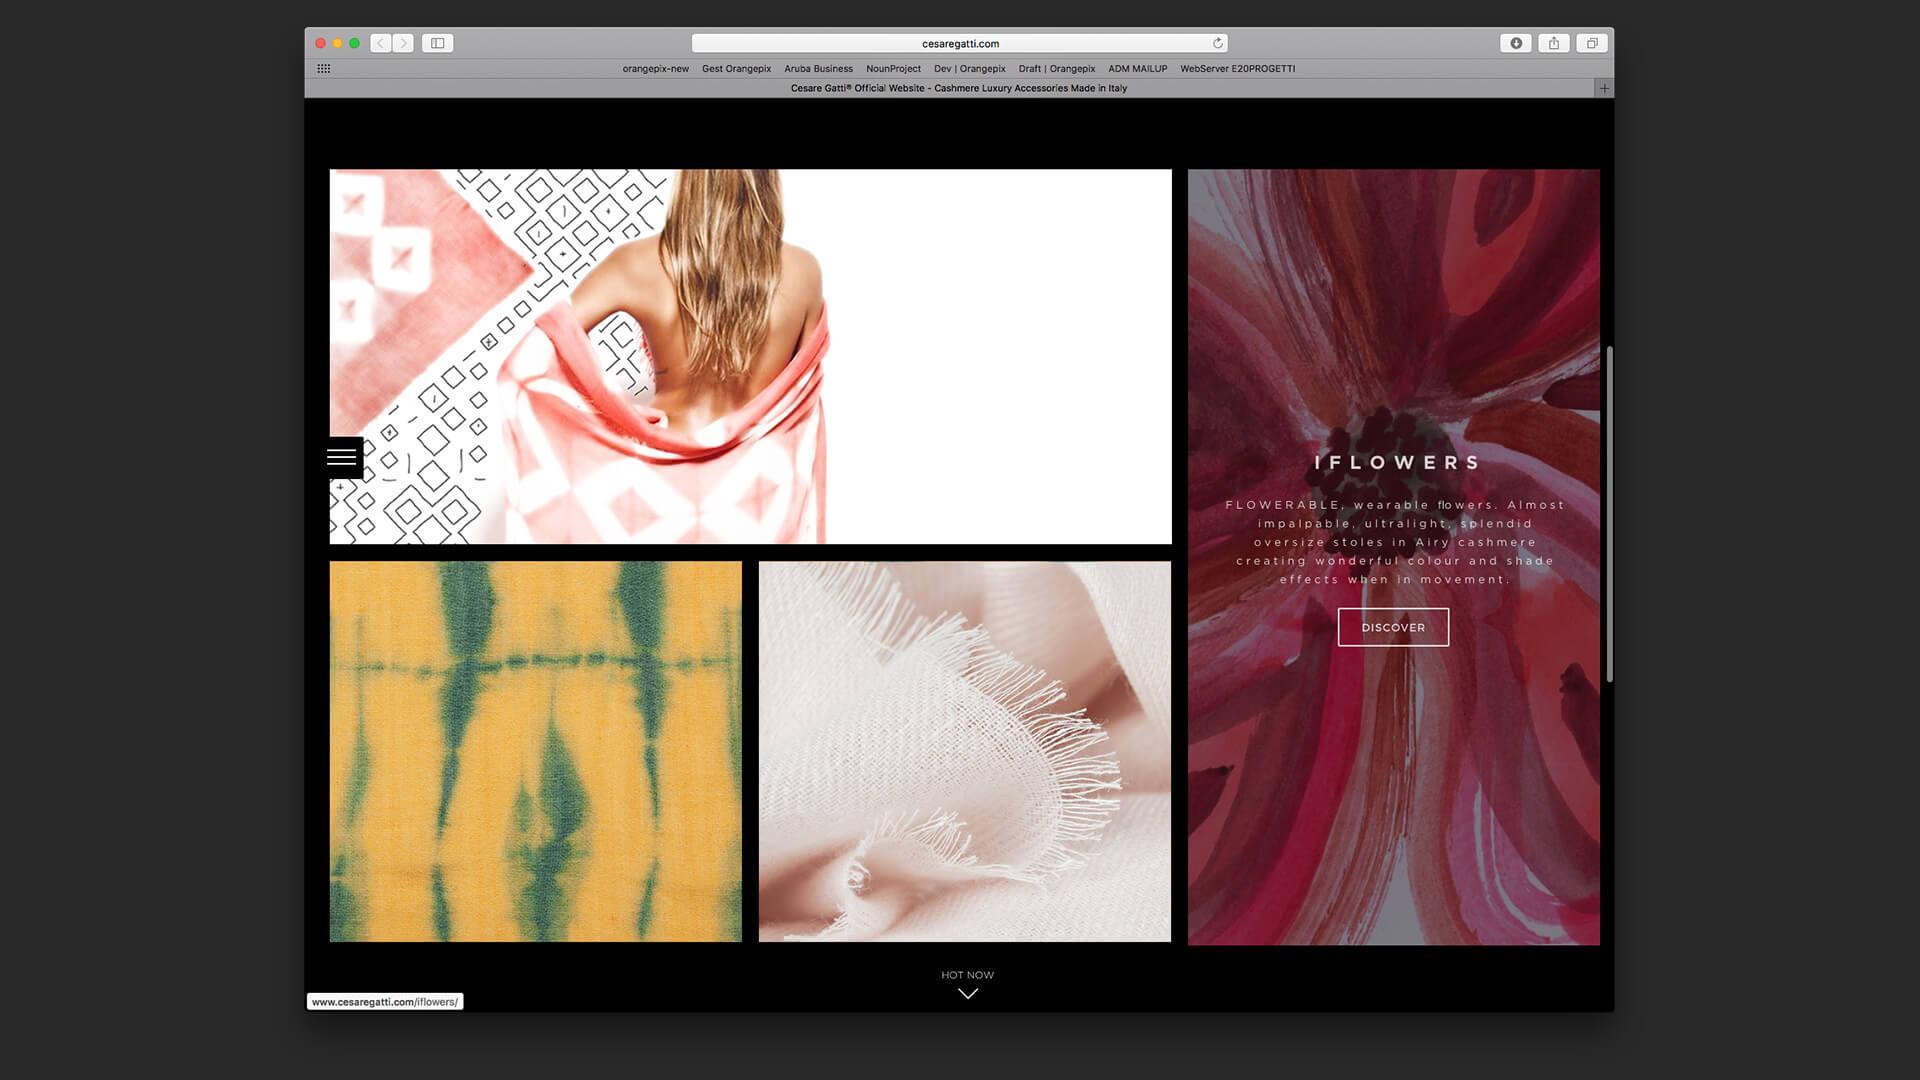 Immagini responsive del sito